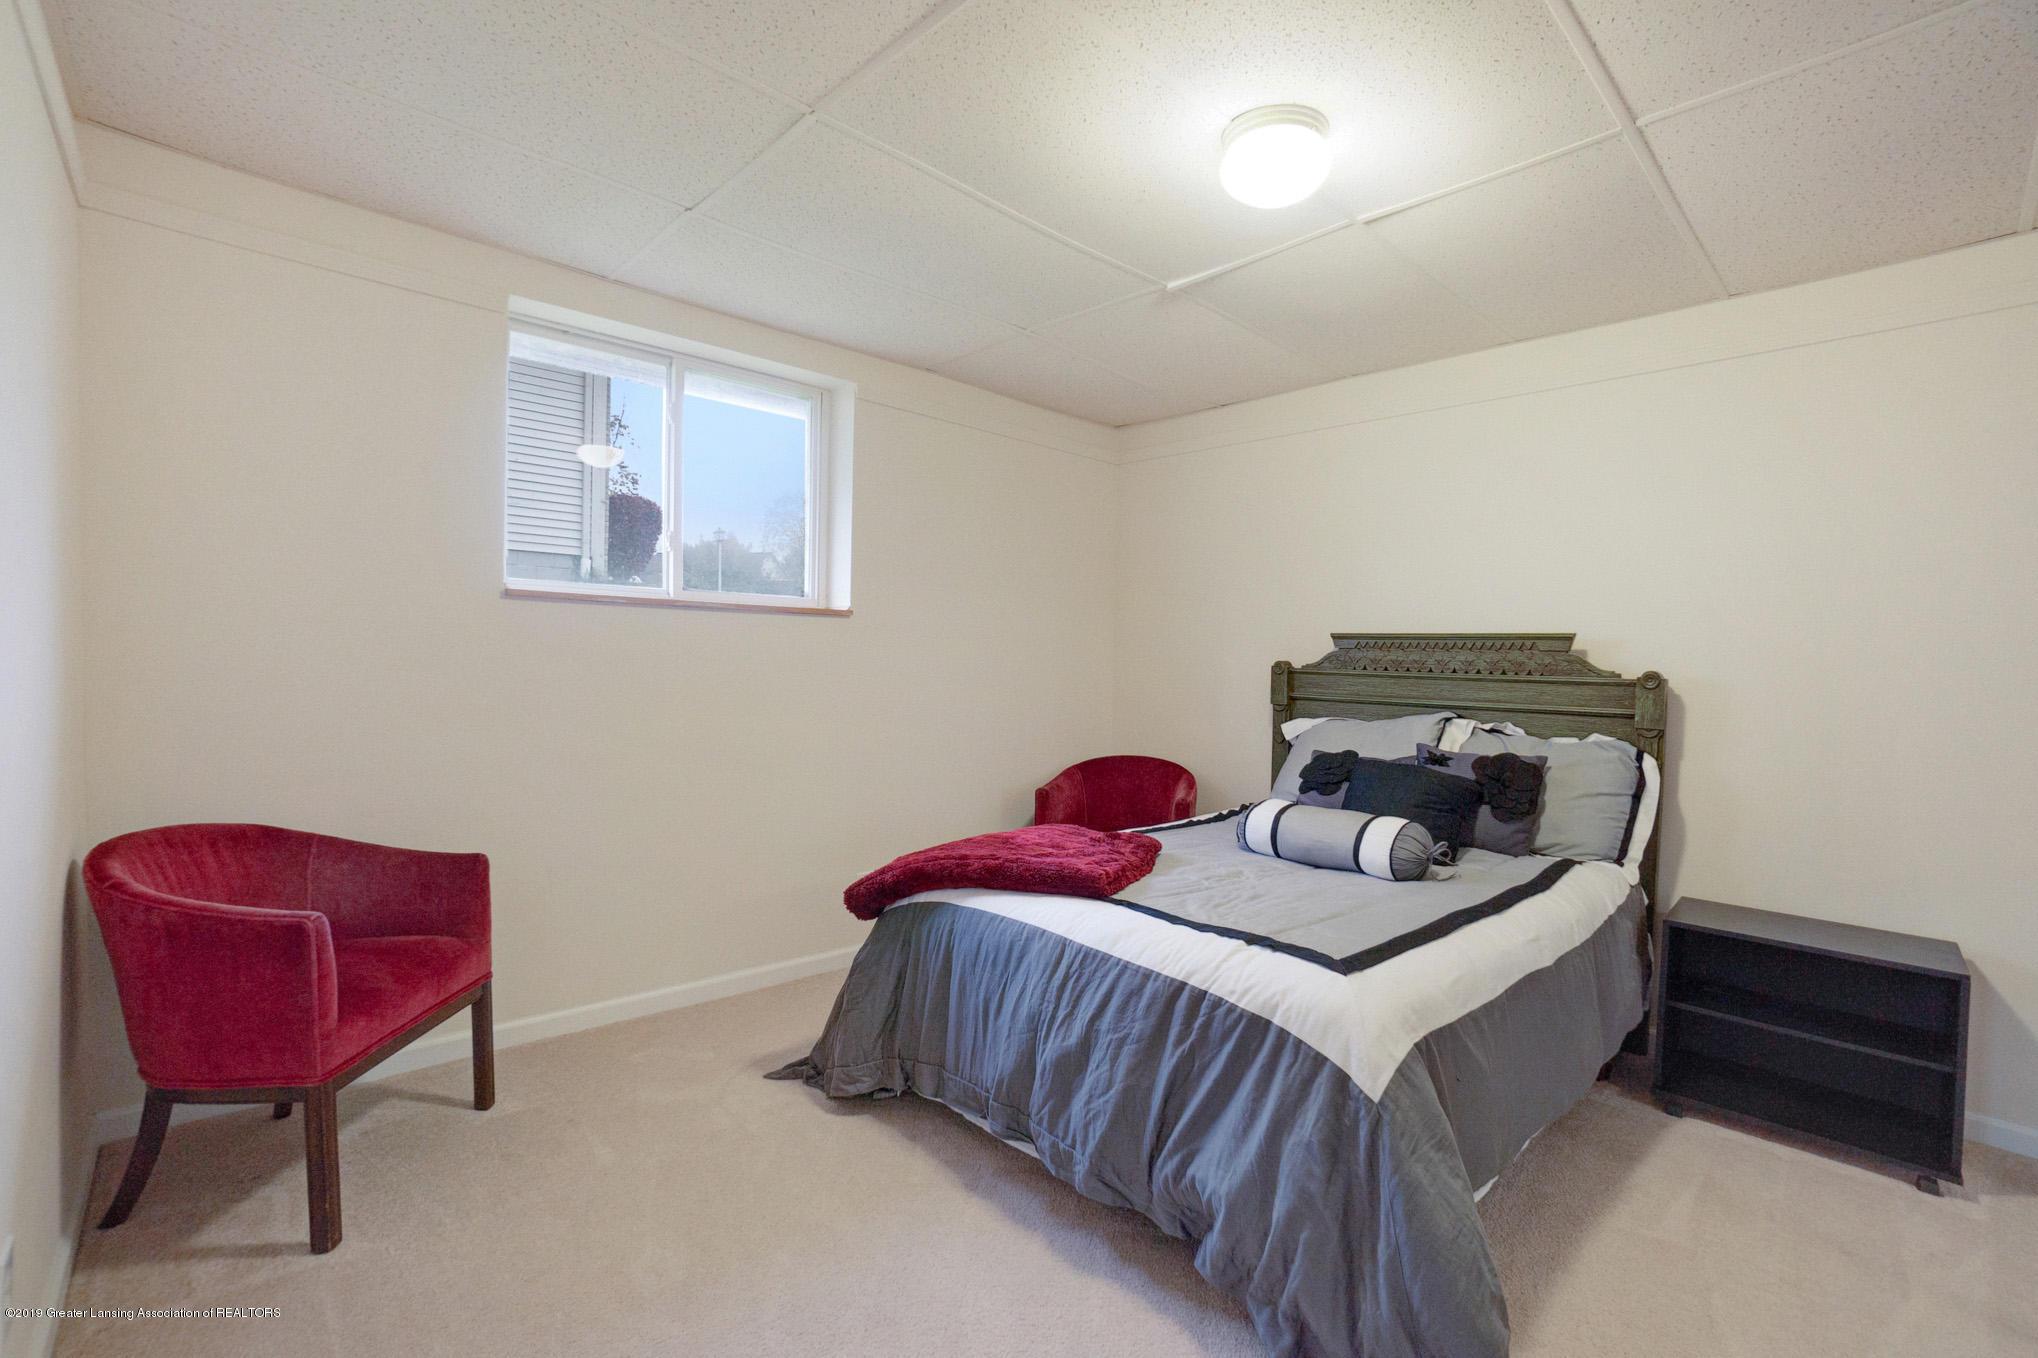 2540 Cunningham Dr - Bedroom - 35